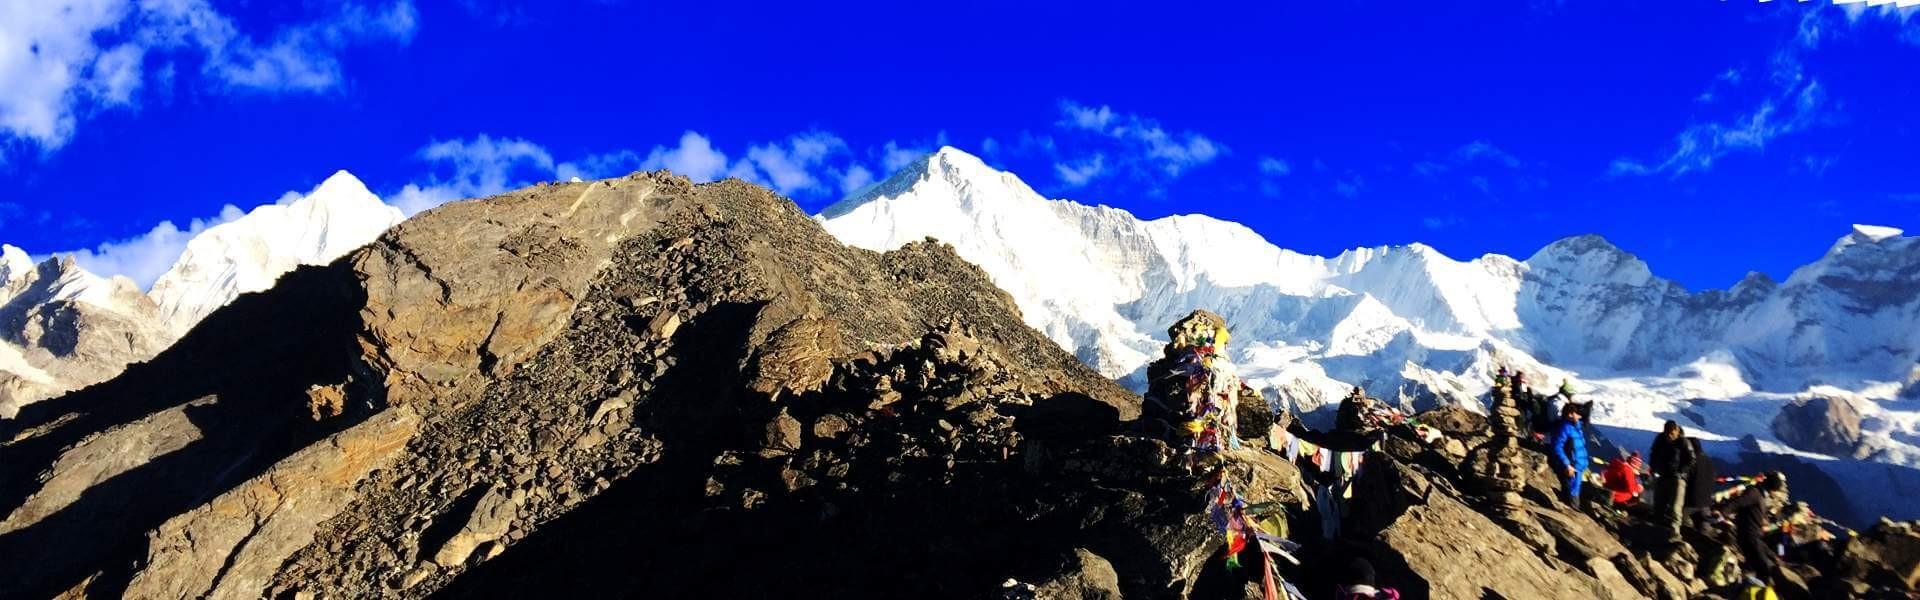 EBC Chola pass trek, Trek to Chola, Chola pass trek